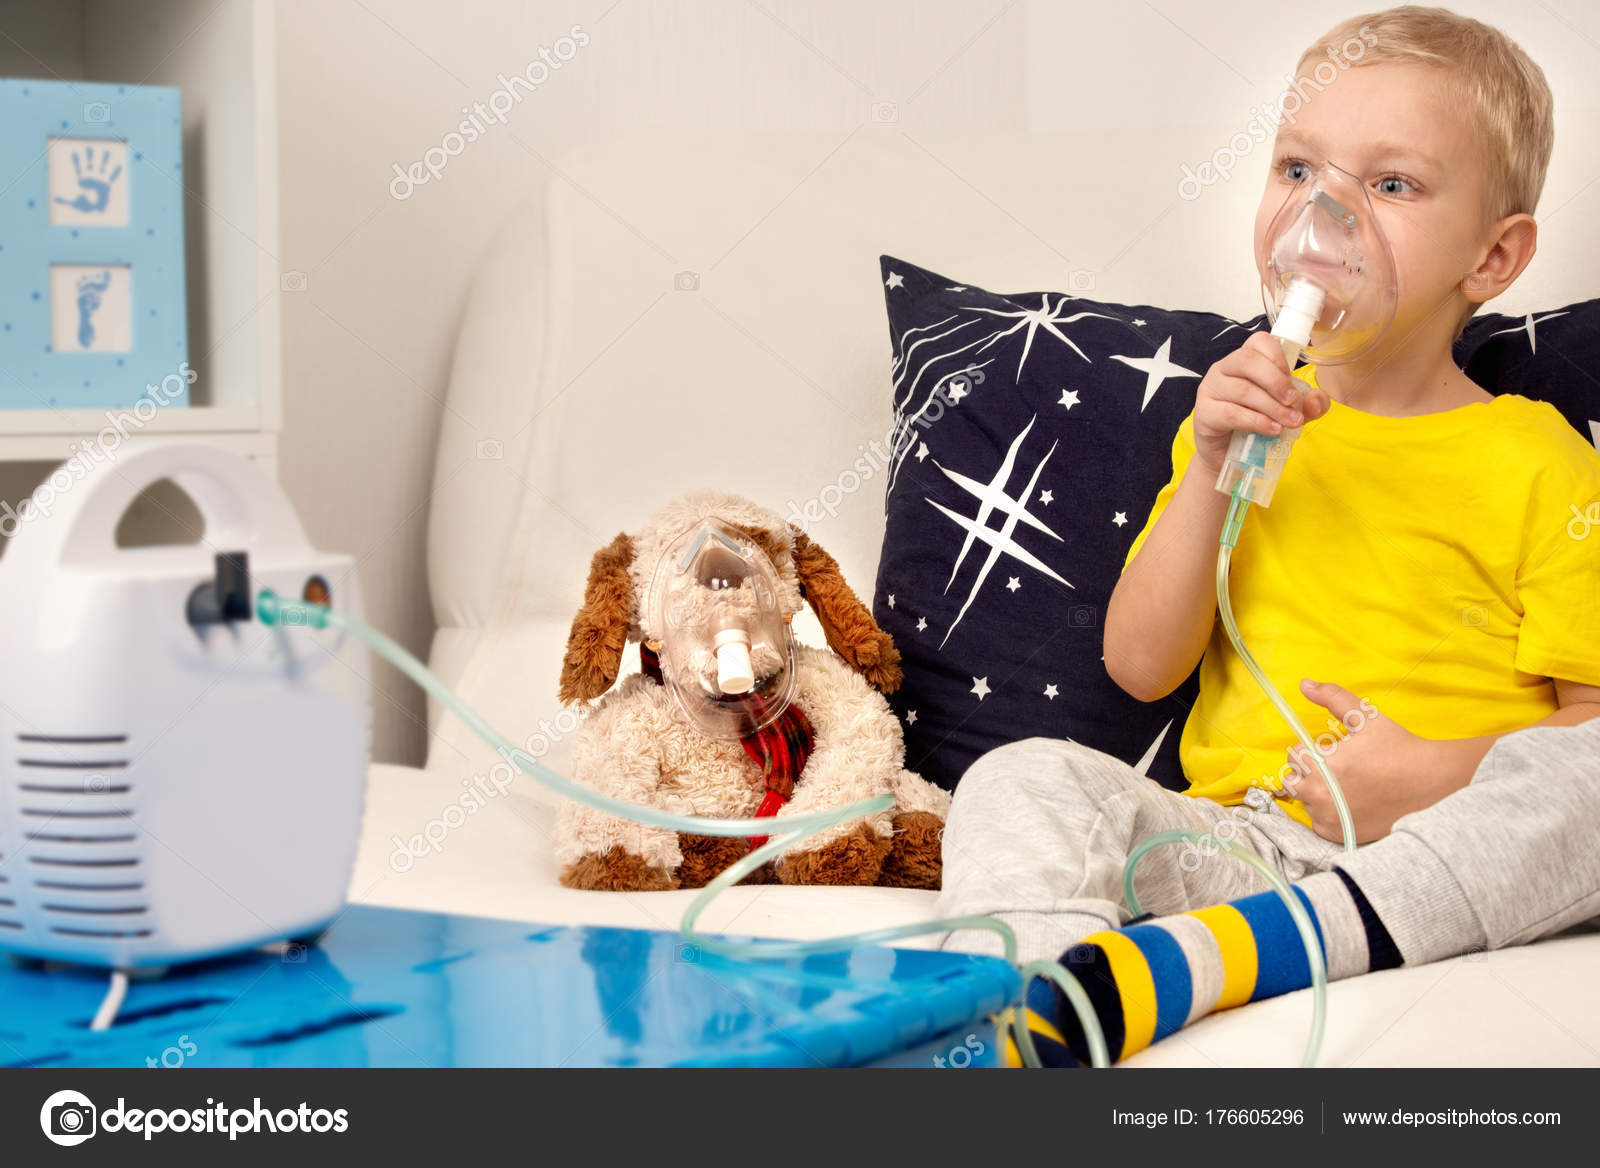 PerroHace Niño Juguete Inhalación Con Nebulizador D92IYEHW